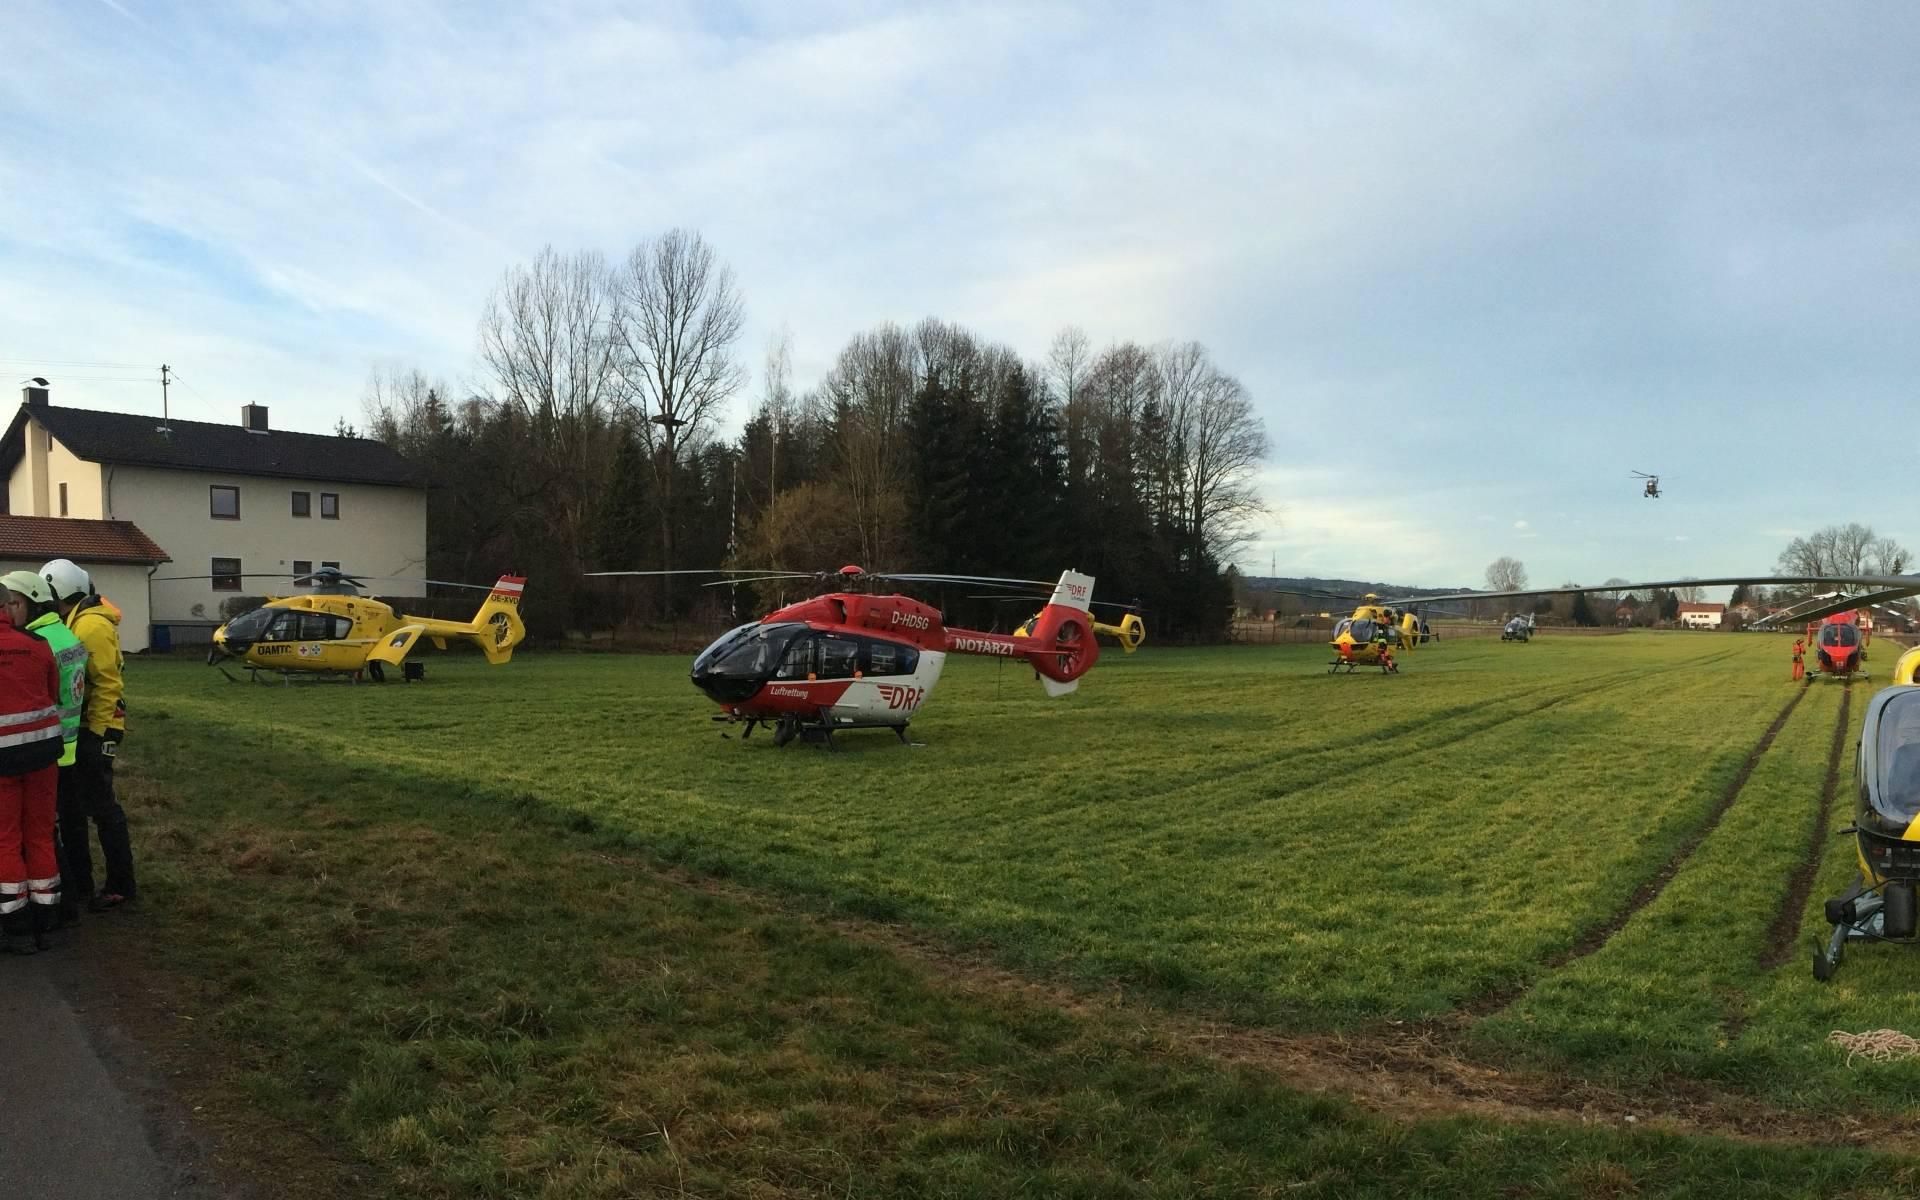 Insgesamt wurden mehrere hundert Rettungskräfte alarmiert, darunter auch mehrere Hubschrauber aus dem Umkreis.